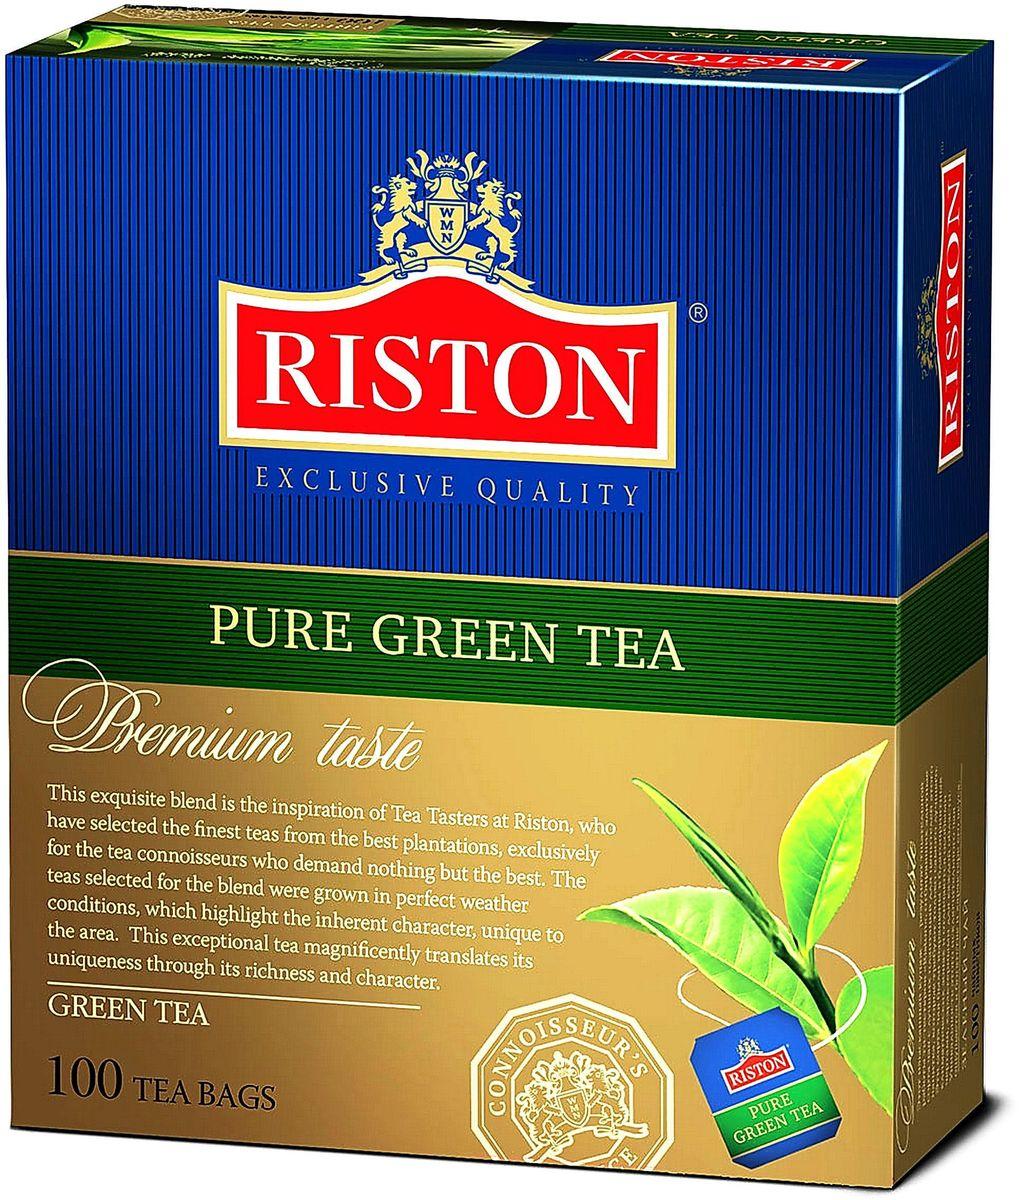 Riston Green зеленый чай в пакетиках, 100 шт0120710Зеленый чай Riston высшей категории с насыщенным терпким вкусом и изысканным ароматом. Мягкий золотистый настой напитка помогает расслабиться и почувствовать отдохновение после длинного насыщенного дня.